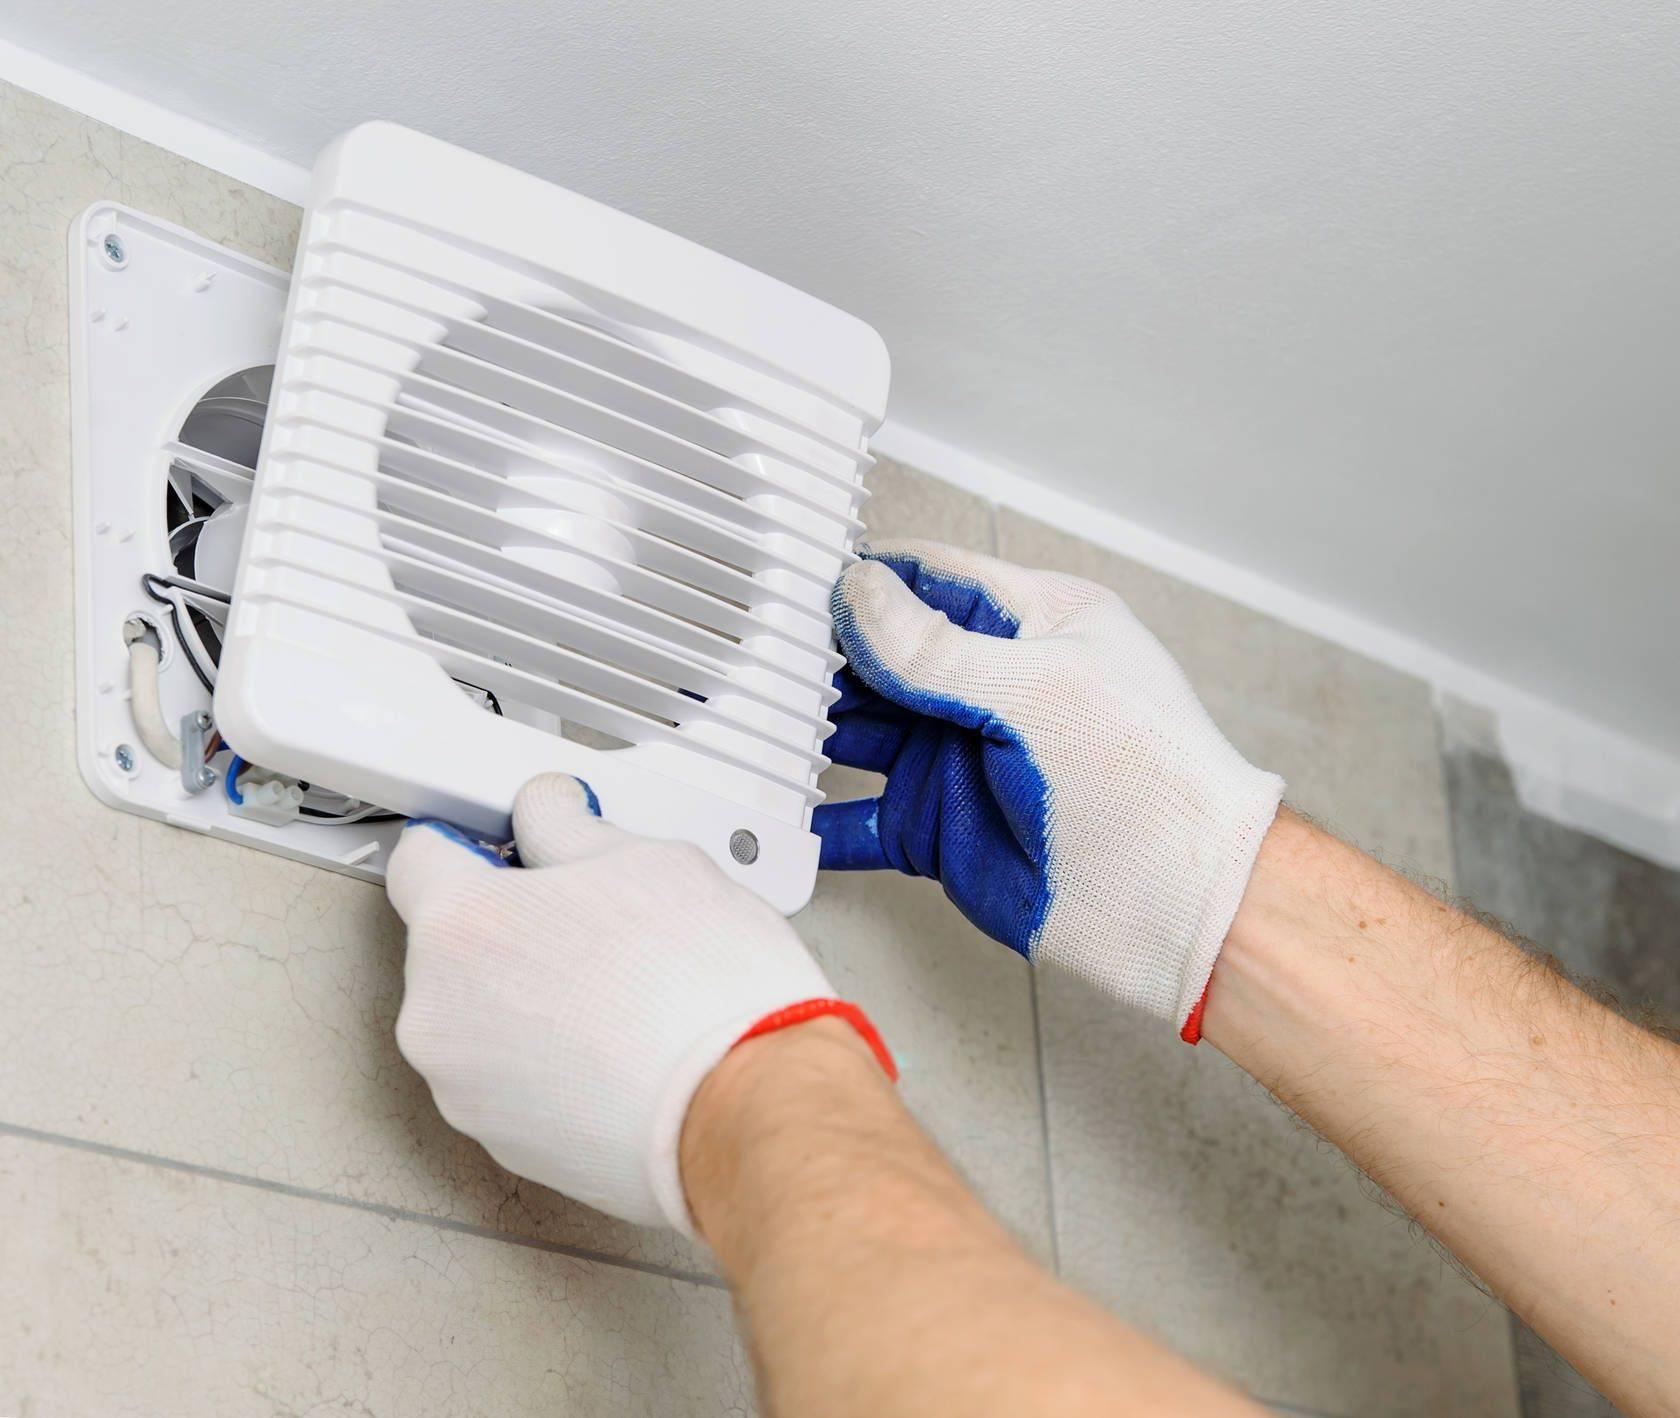 Лучшие вытяжные вентиляторы в ванную комнату